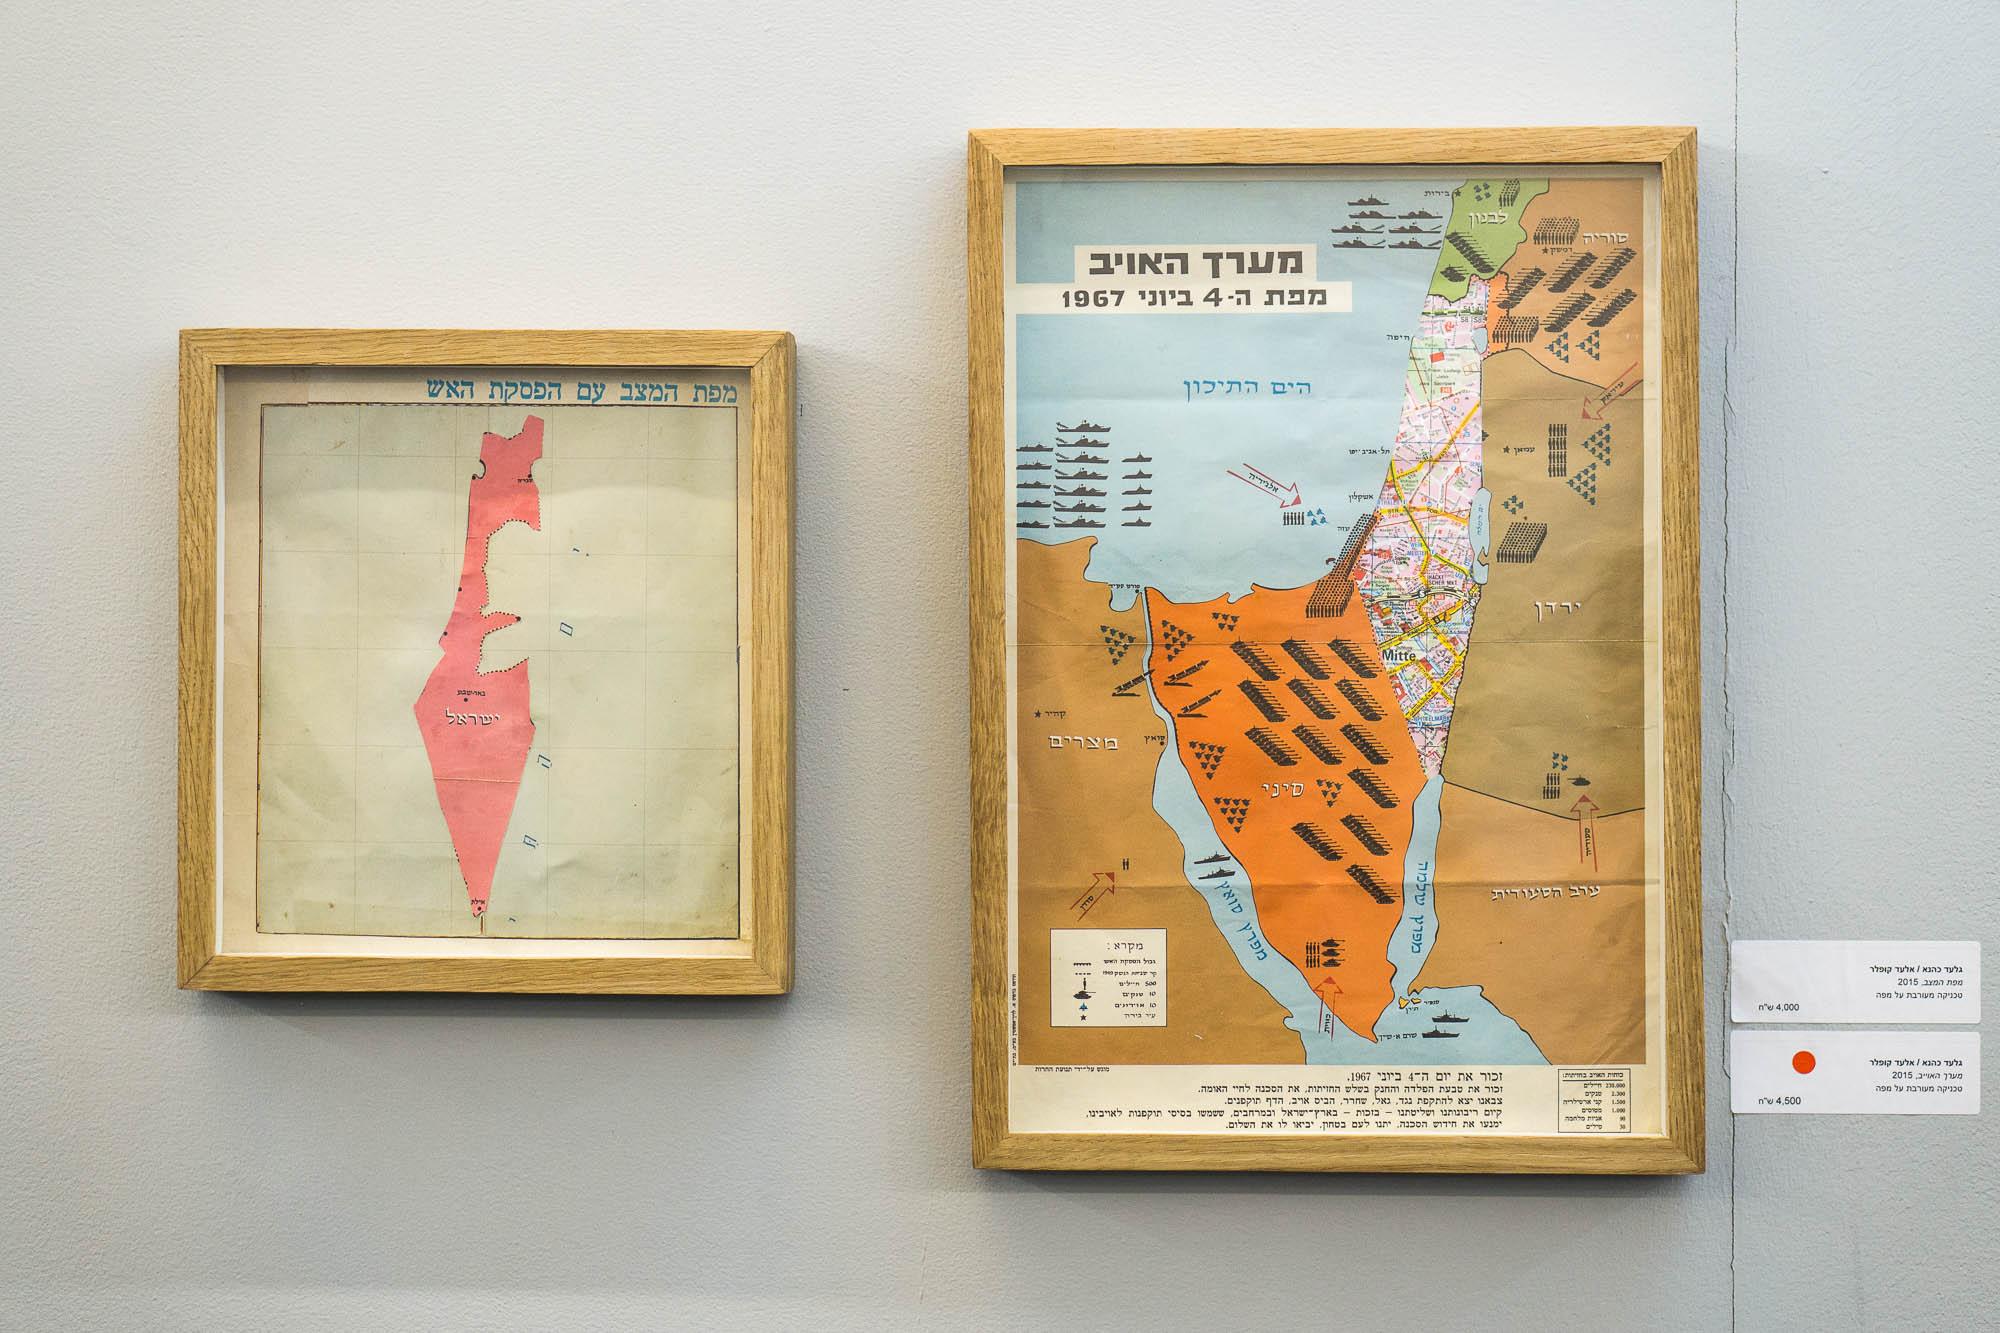 גבולות בטוחים - אלעד קופלר וגלעד כהנא